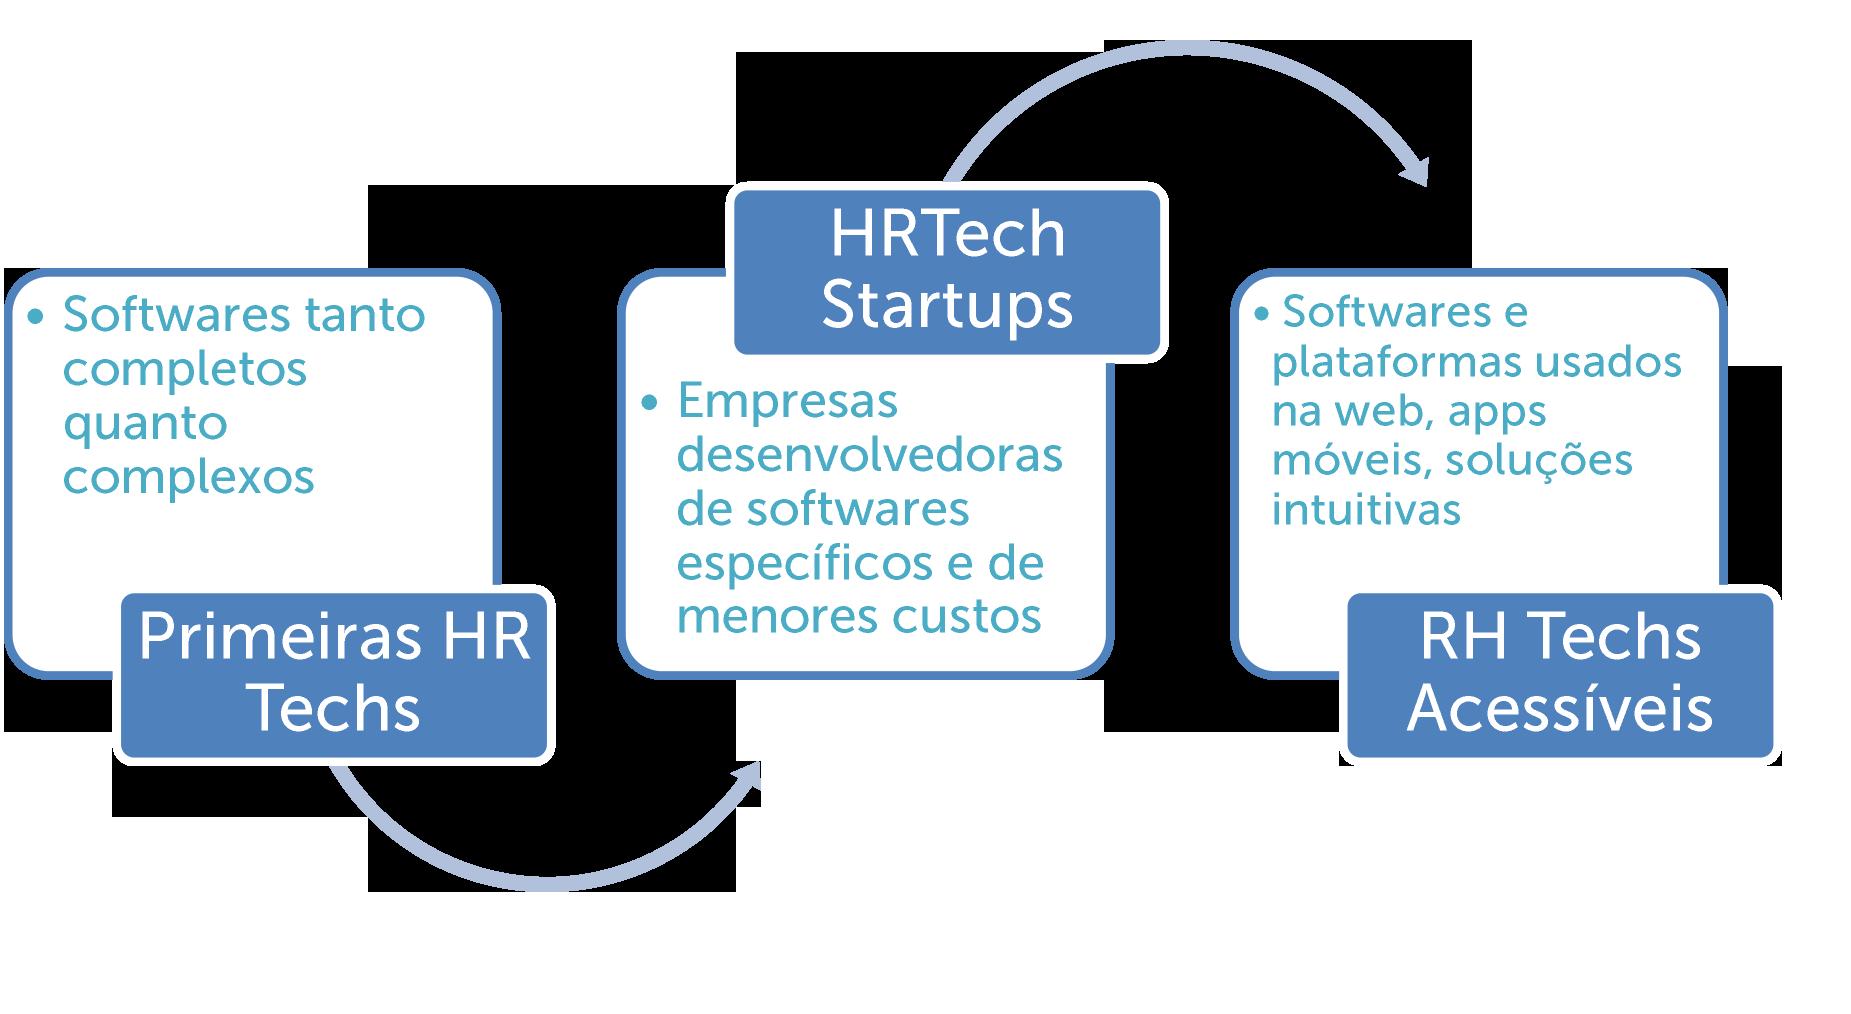 HRTech: Evolução ao longo do tempo